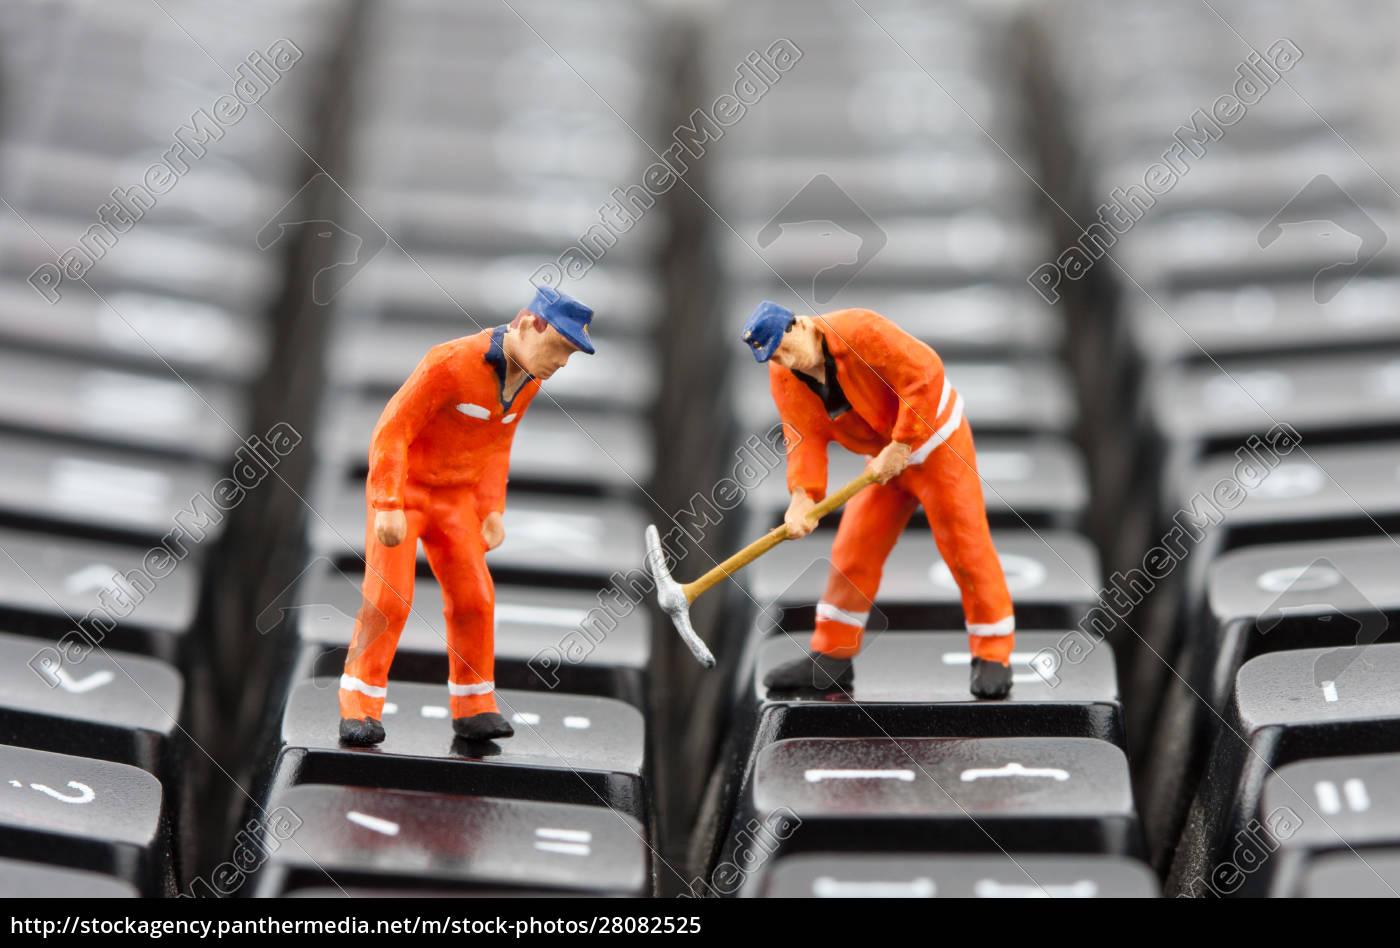 workers, repairing, keyboard - 28082525